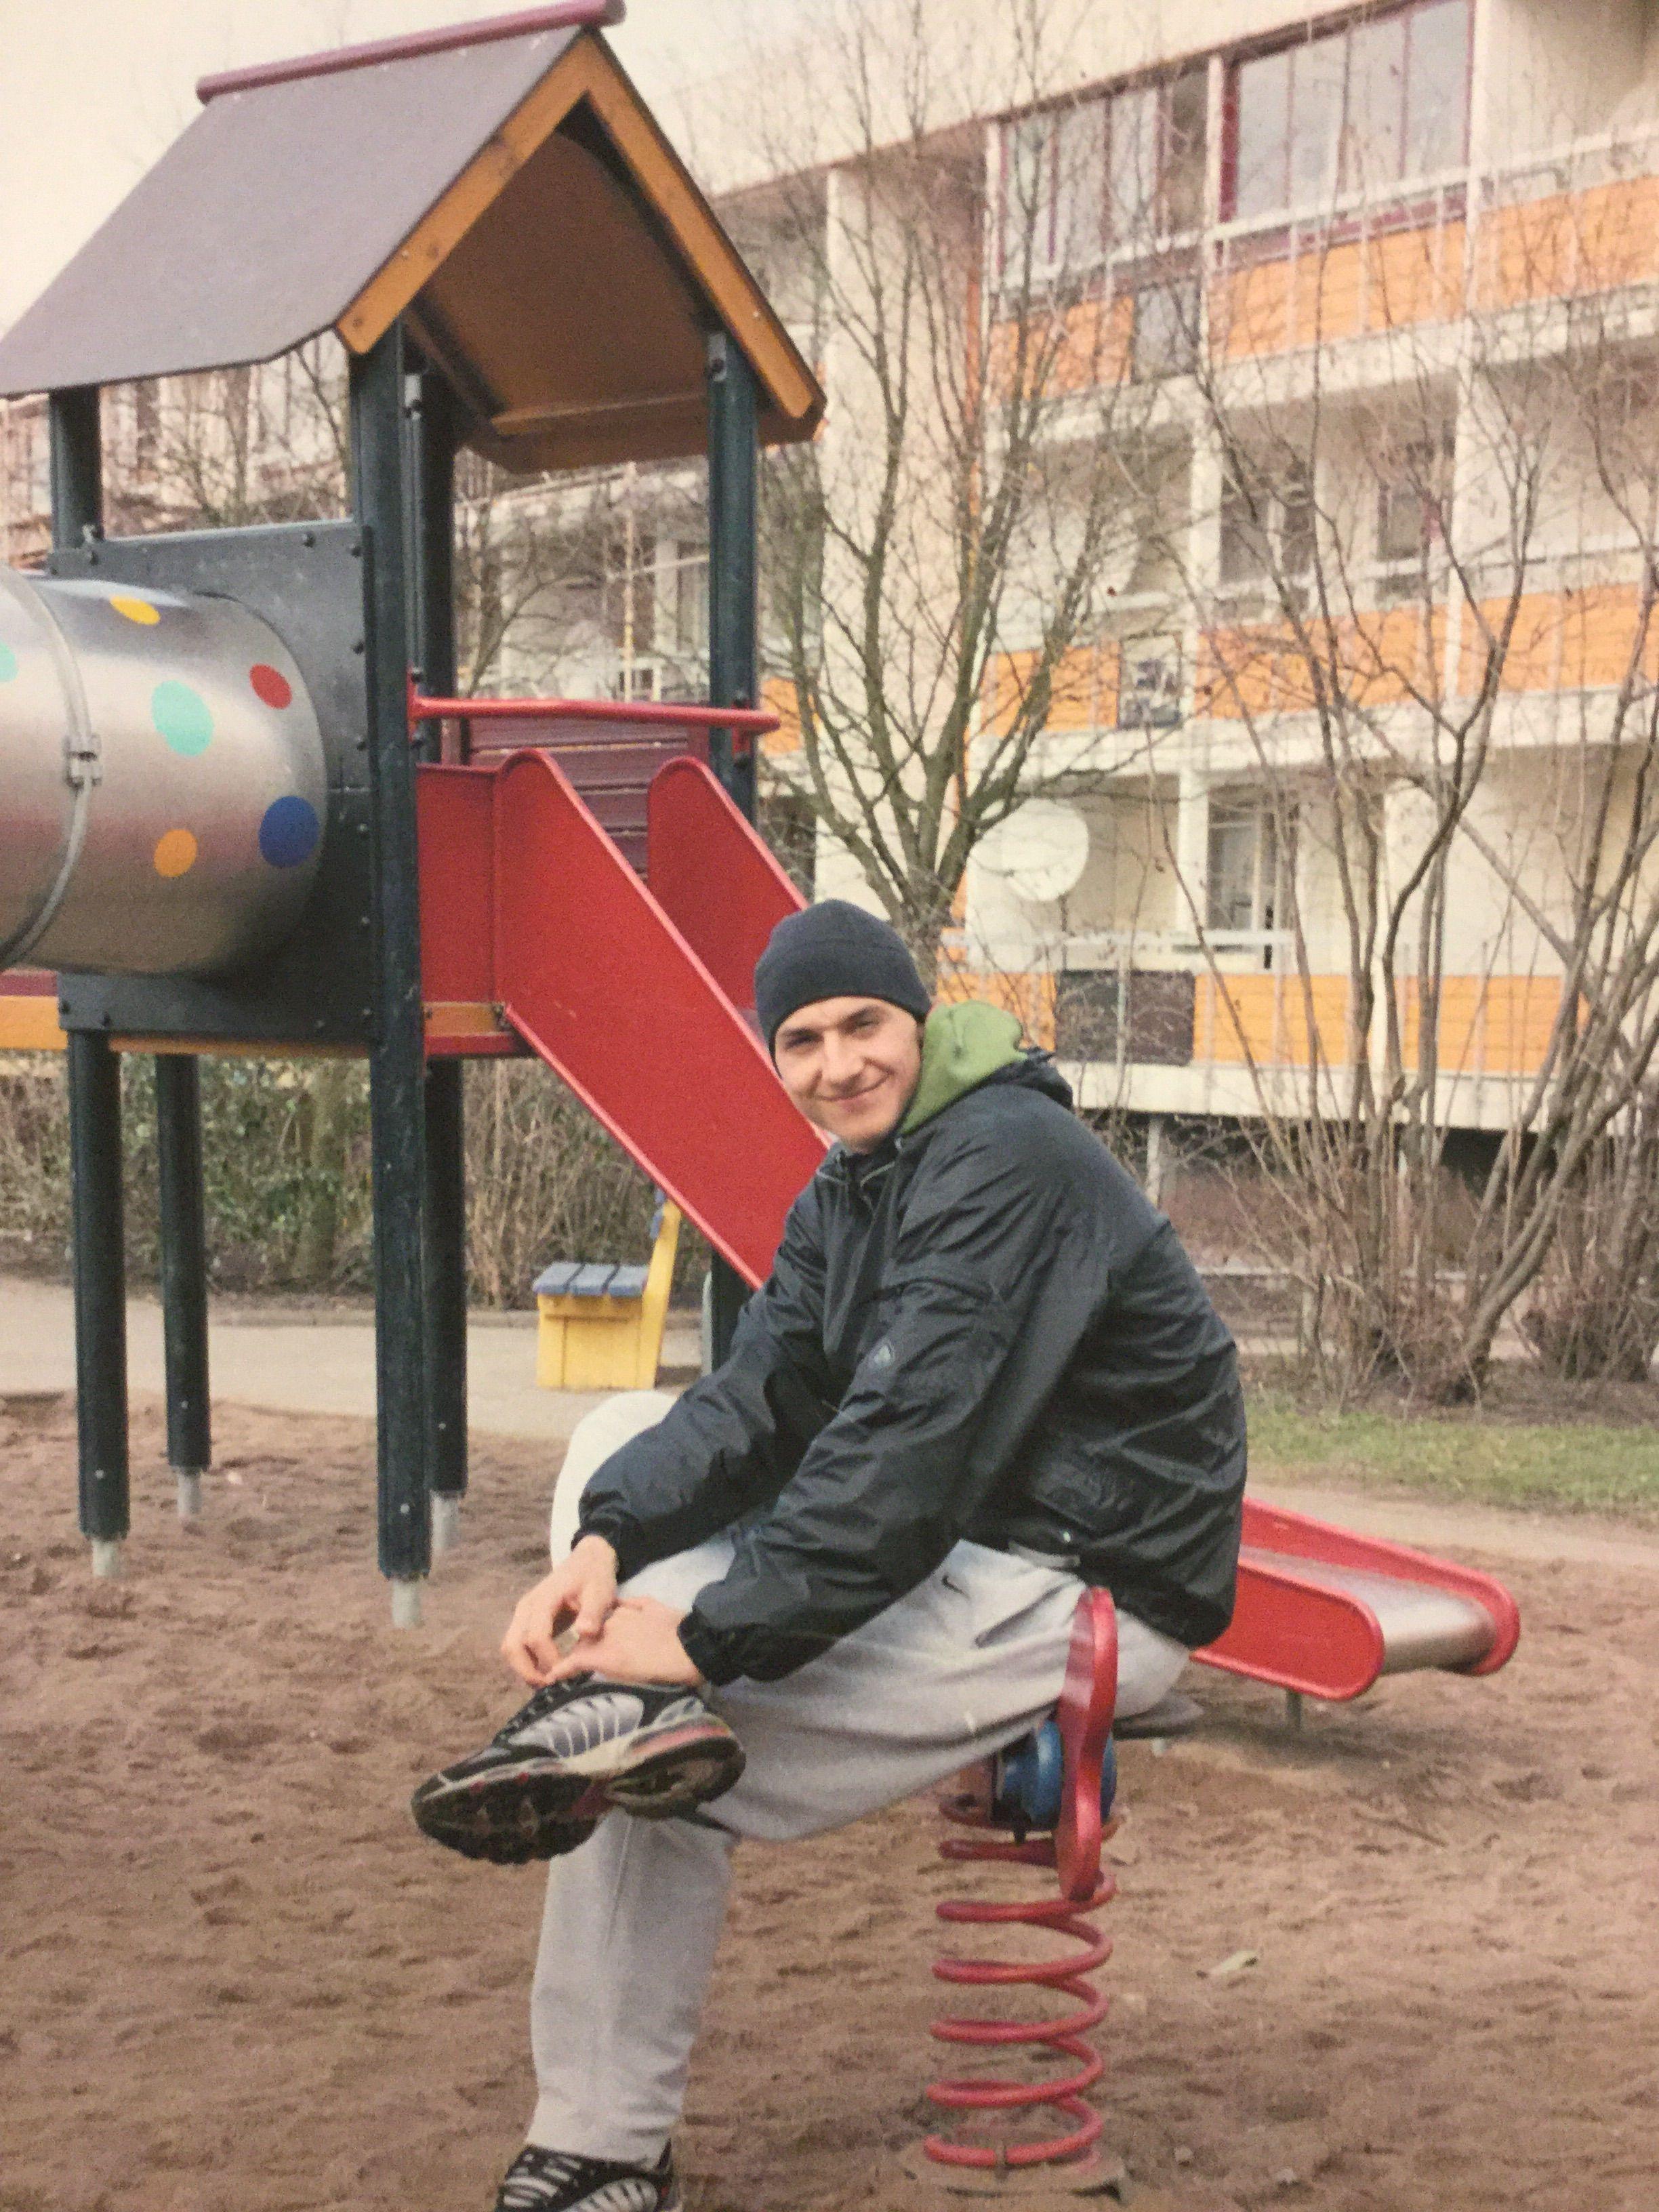 Табличка на детской площадке запрещается